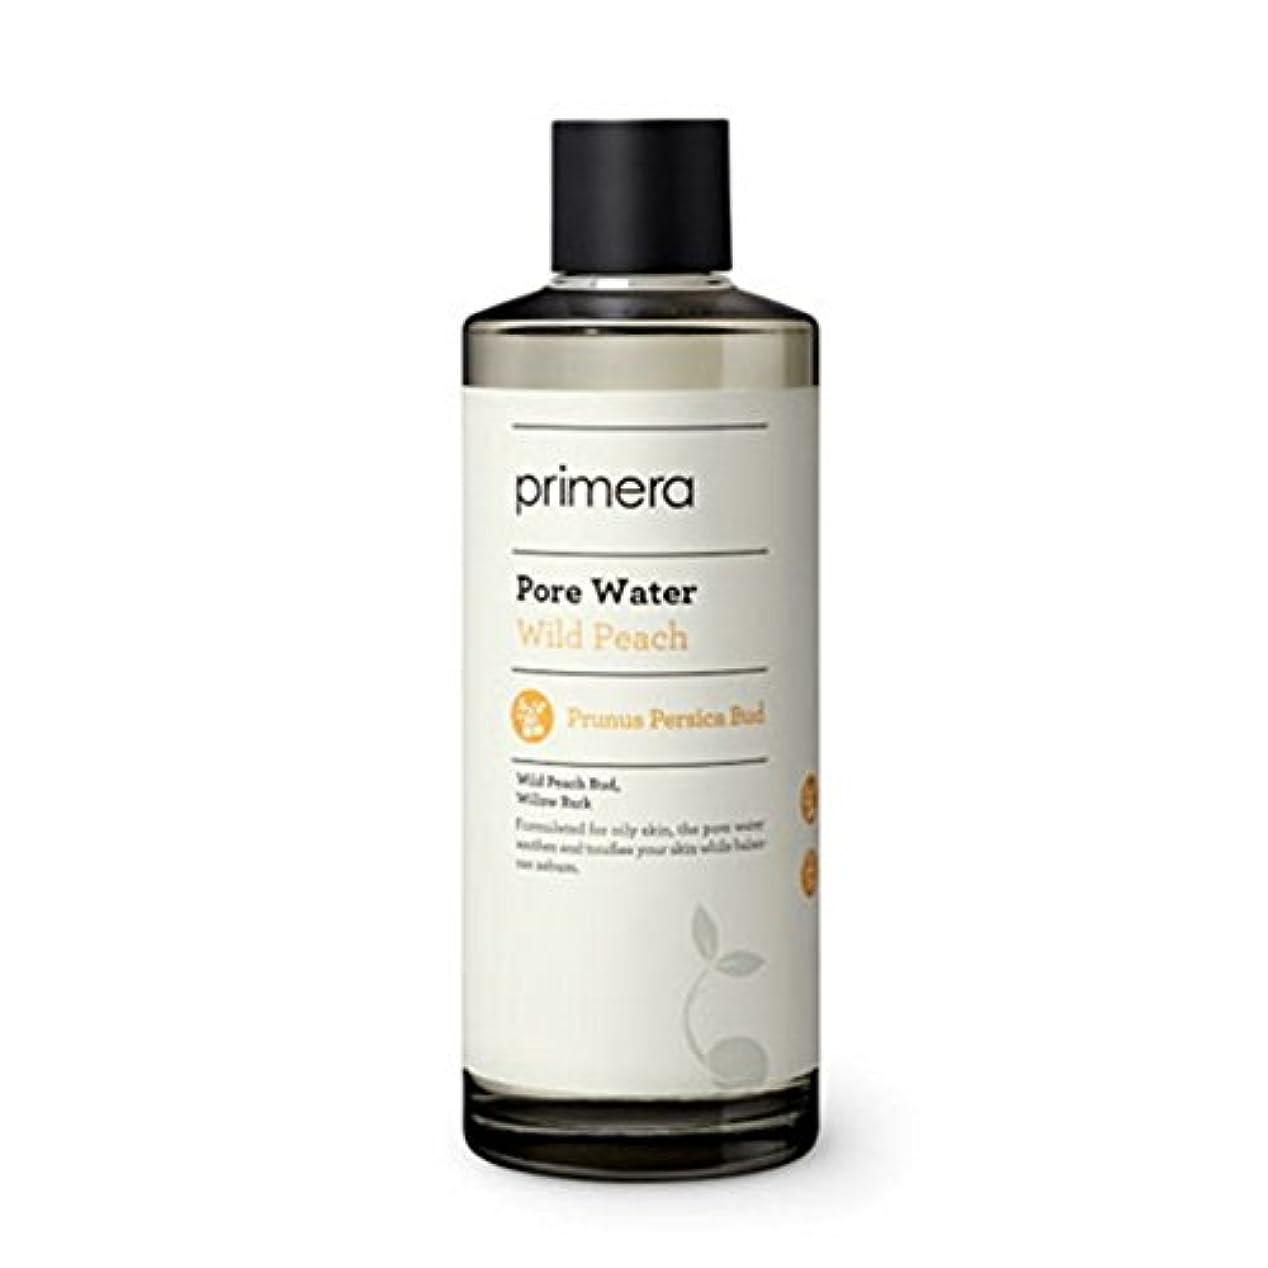 下位体系的に命令的【プリメーラ】 PRIMERA Wild Peach Pore Water ワイルドピッチフォアウォーター 【韓国直送品】 OOPSPANDA